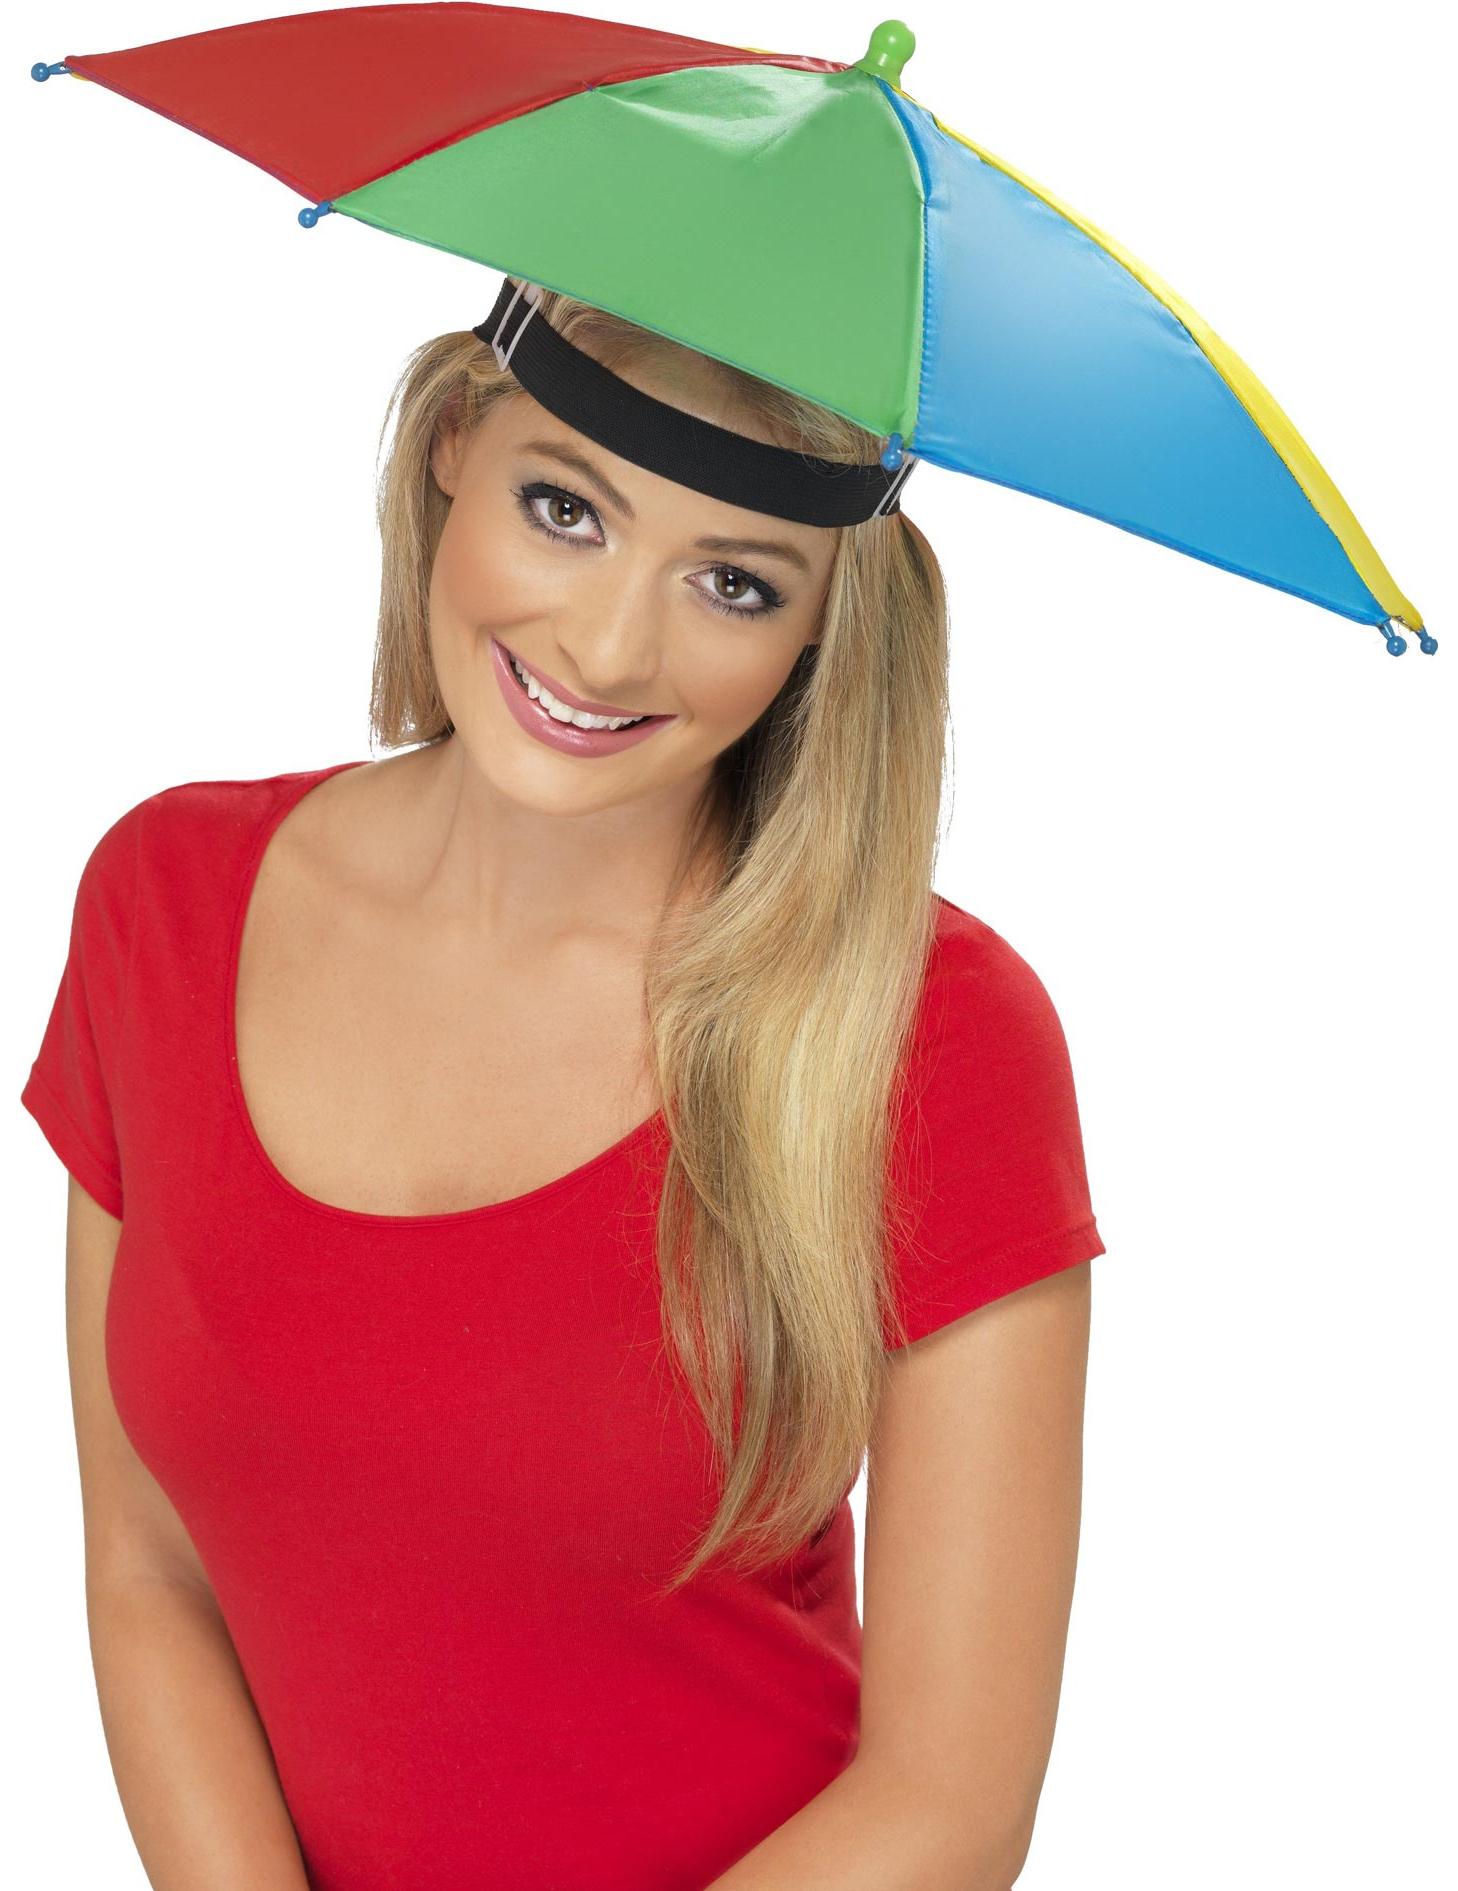 veelkleurige-paraplu-hoed-voor-volwassenen.jpg